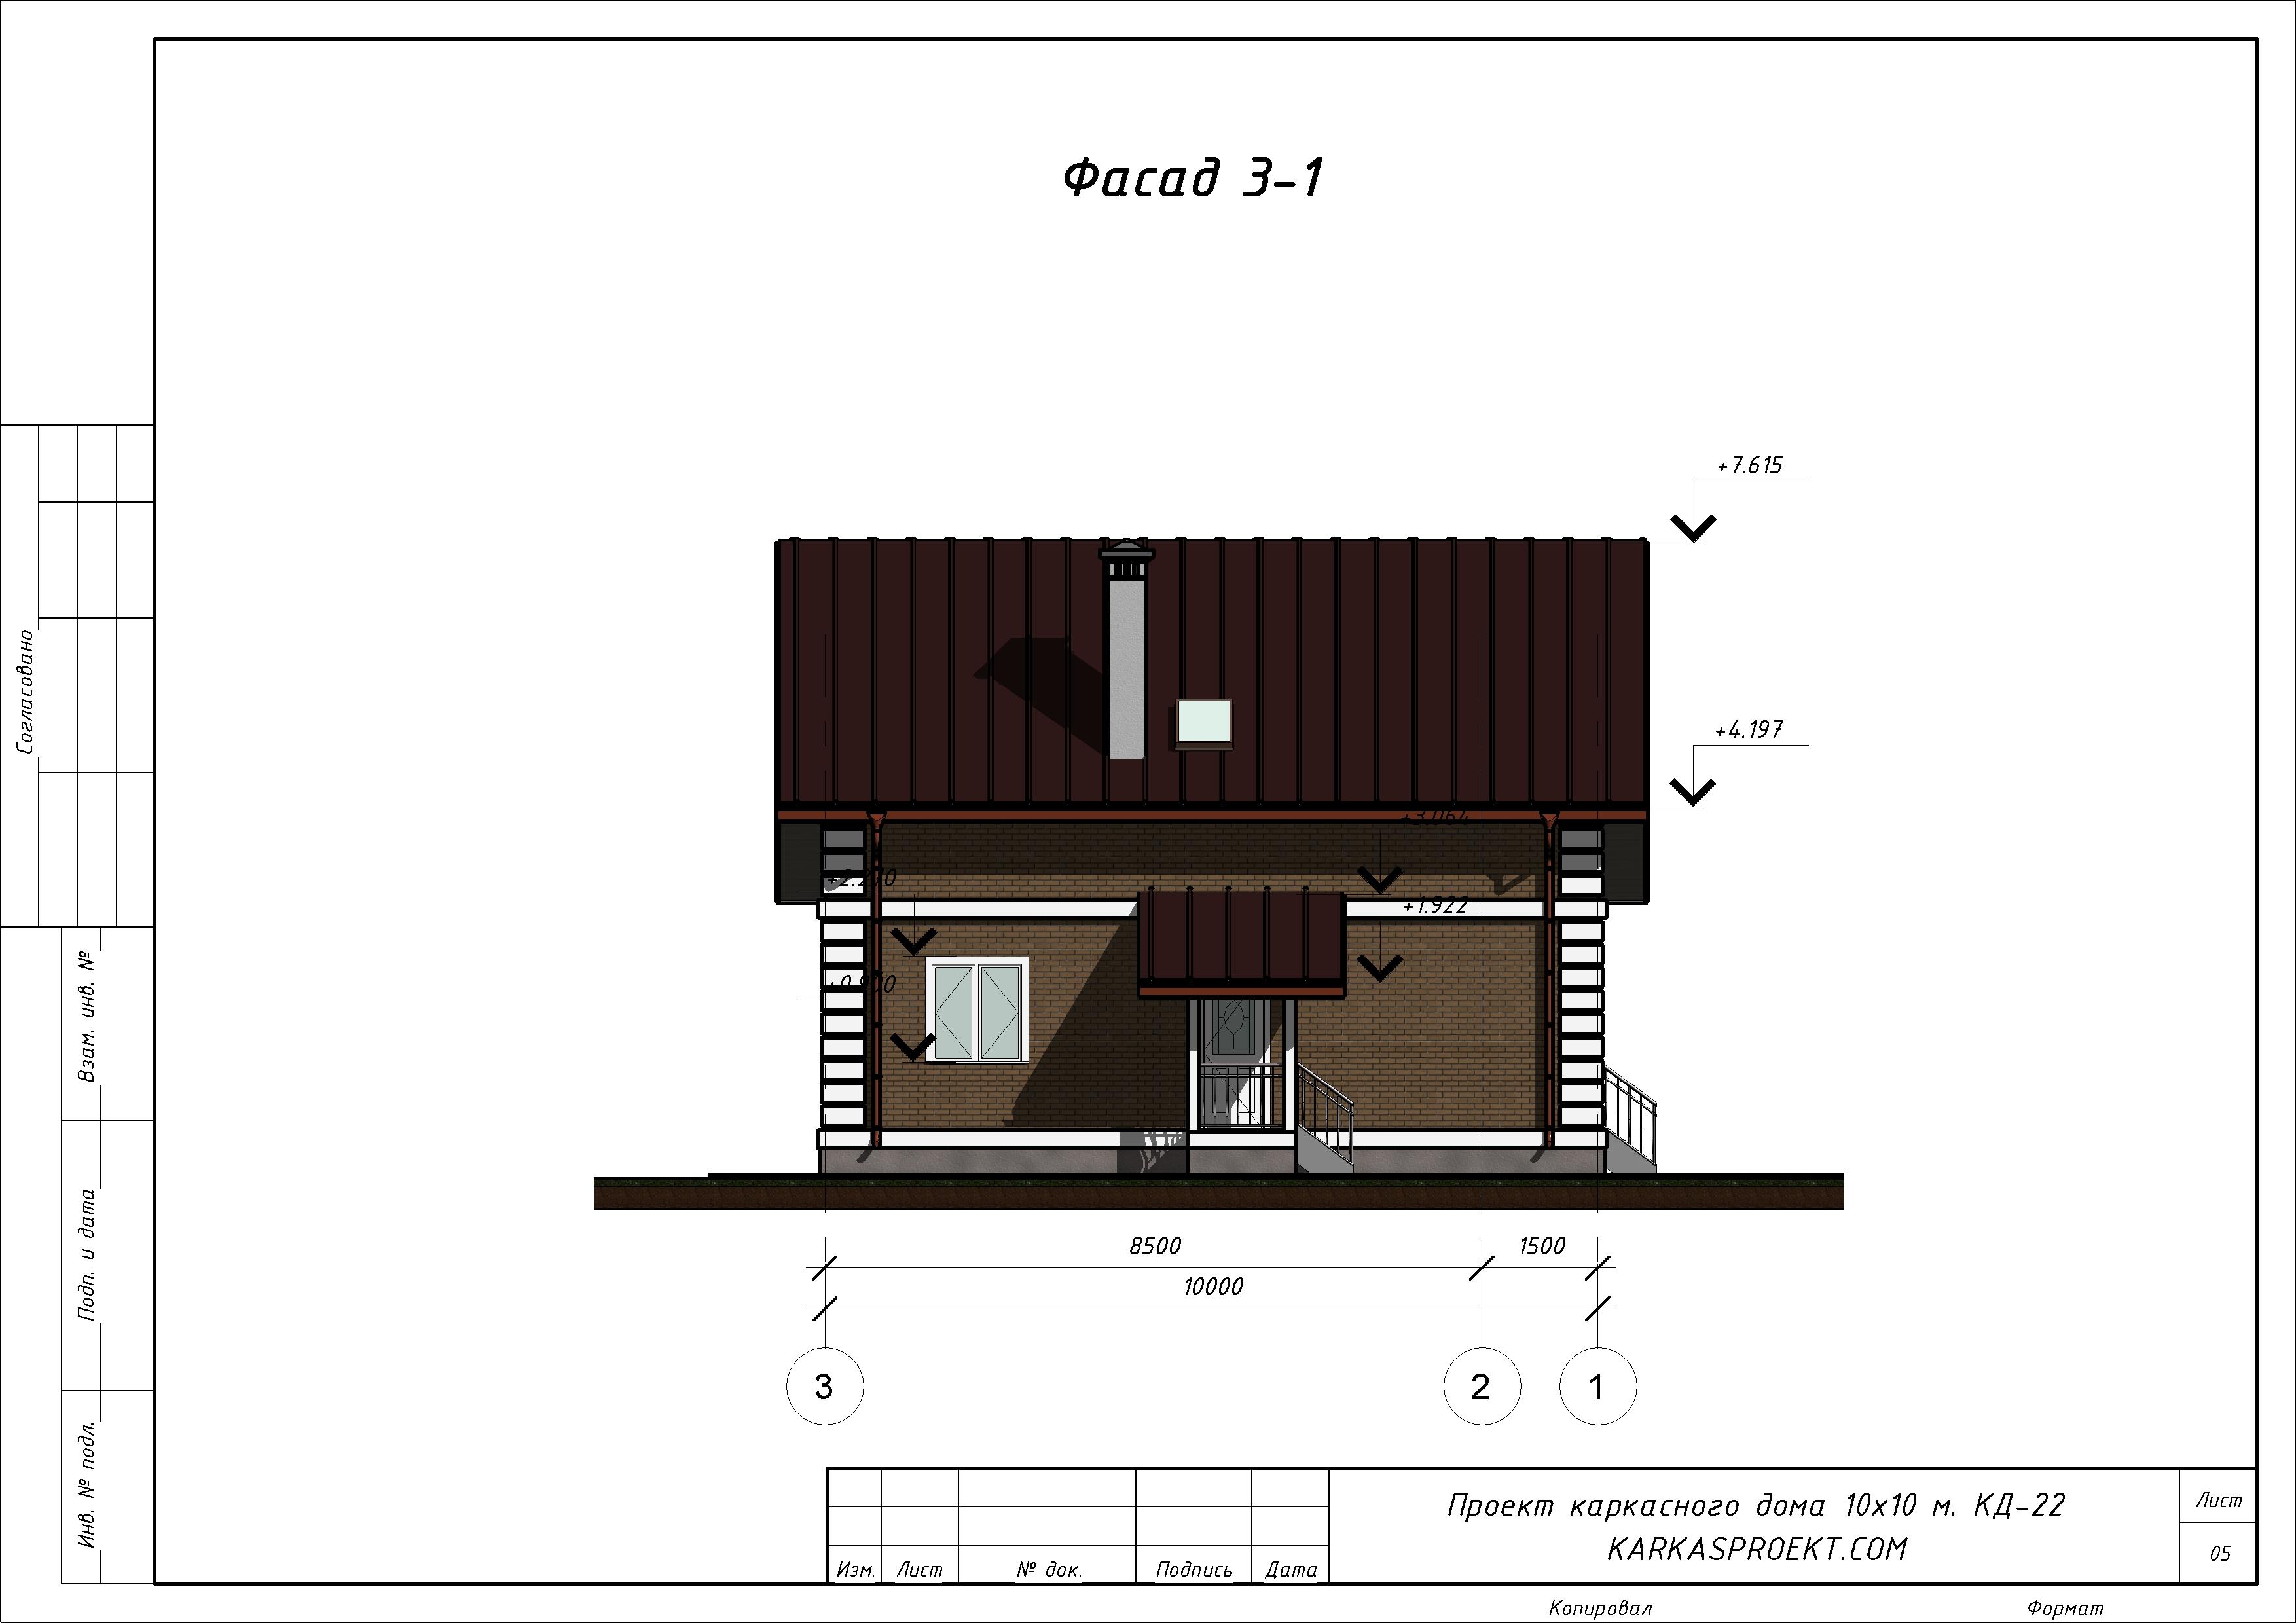 КД-22 - Фасад 3-1